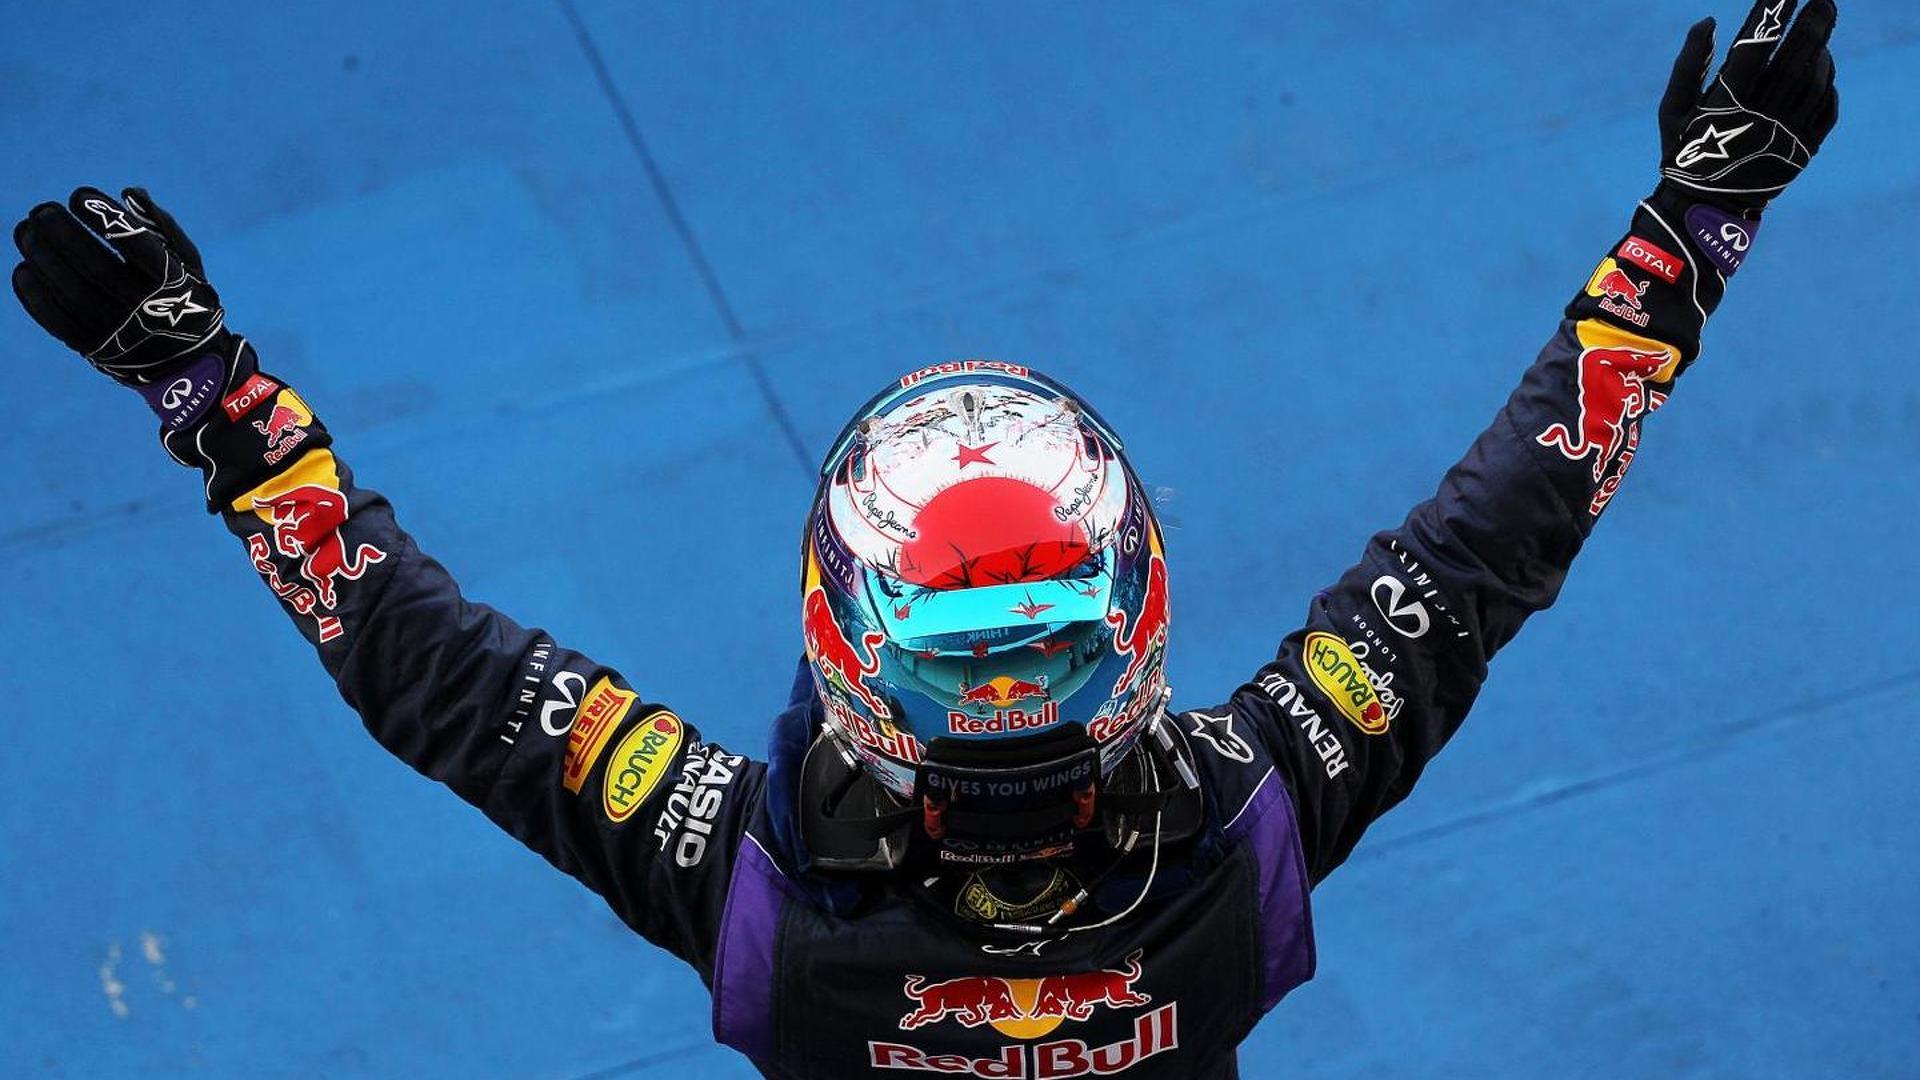 Vettel 'walking it' at top of F1 tree - Hamilton